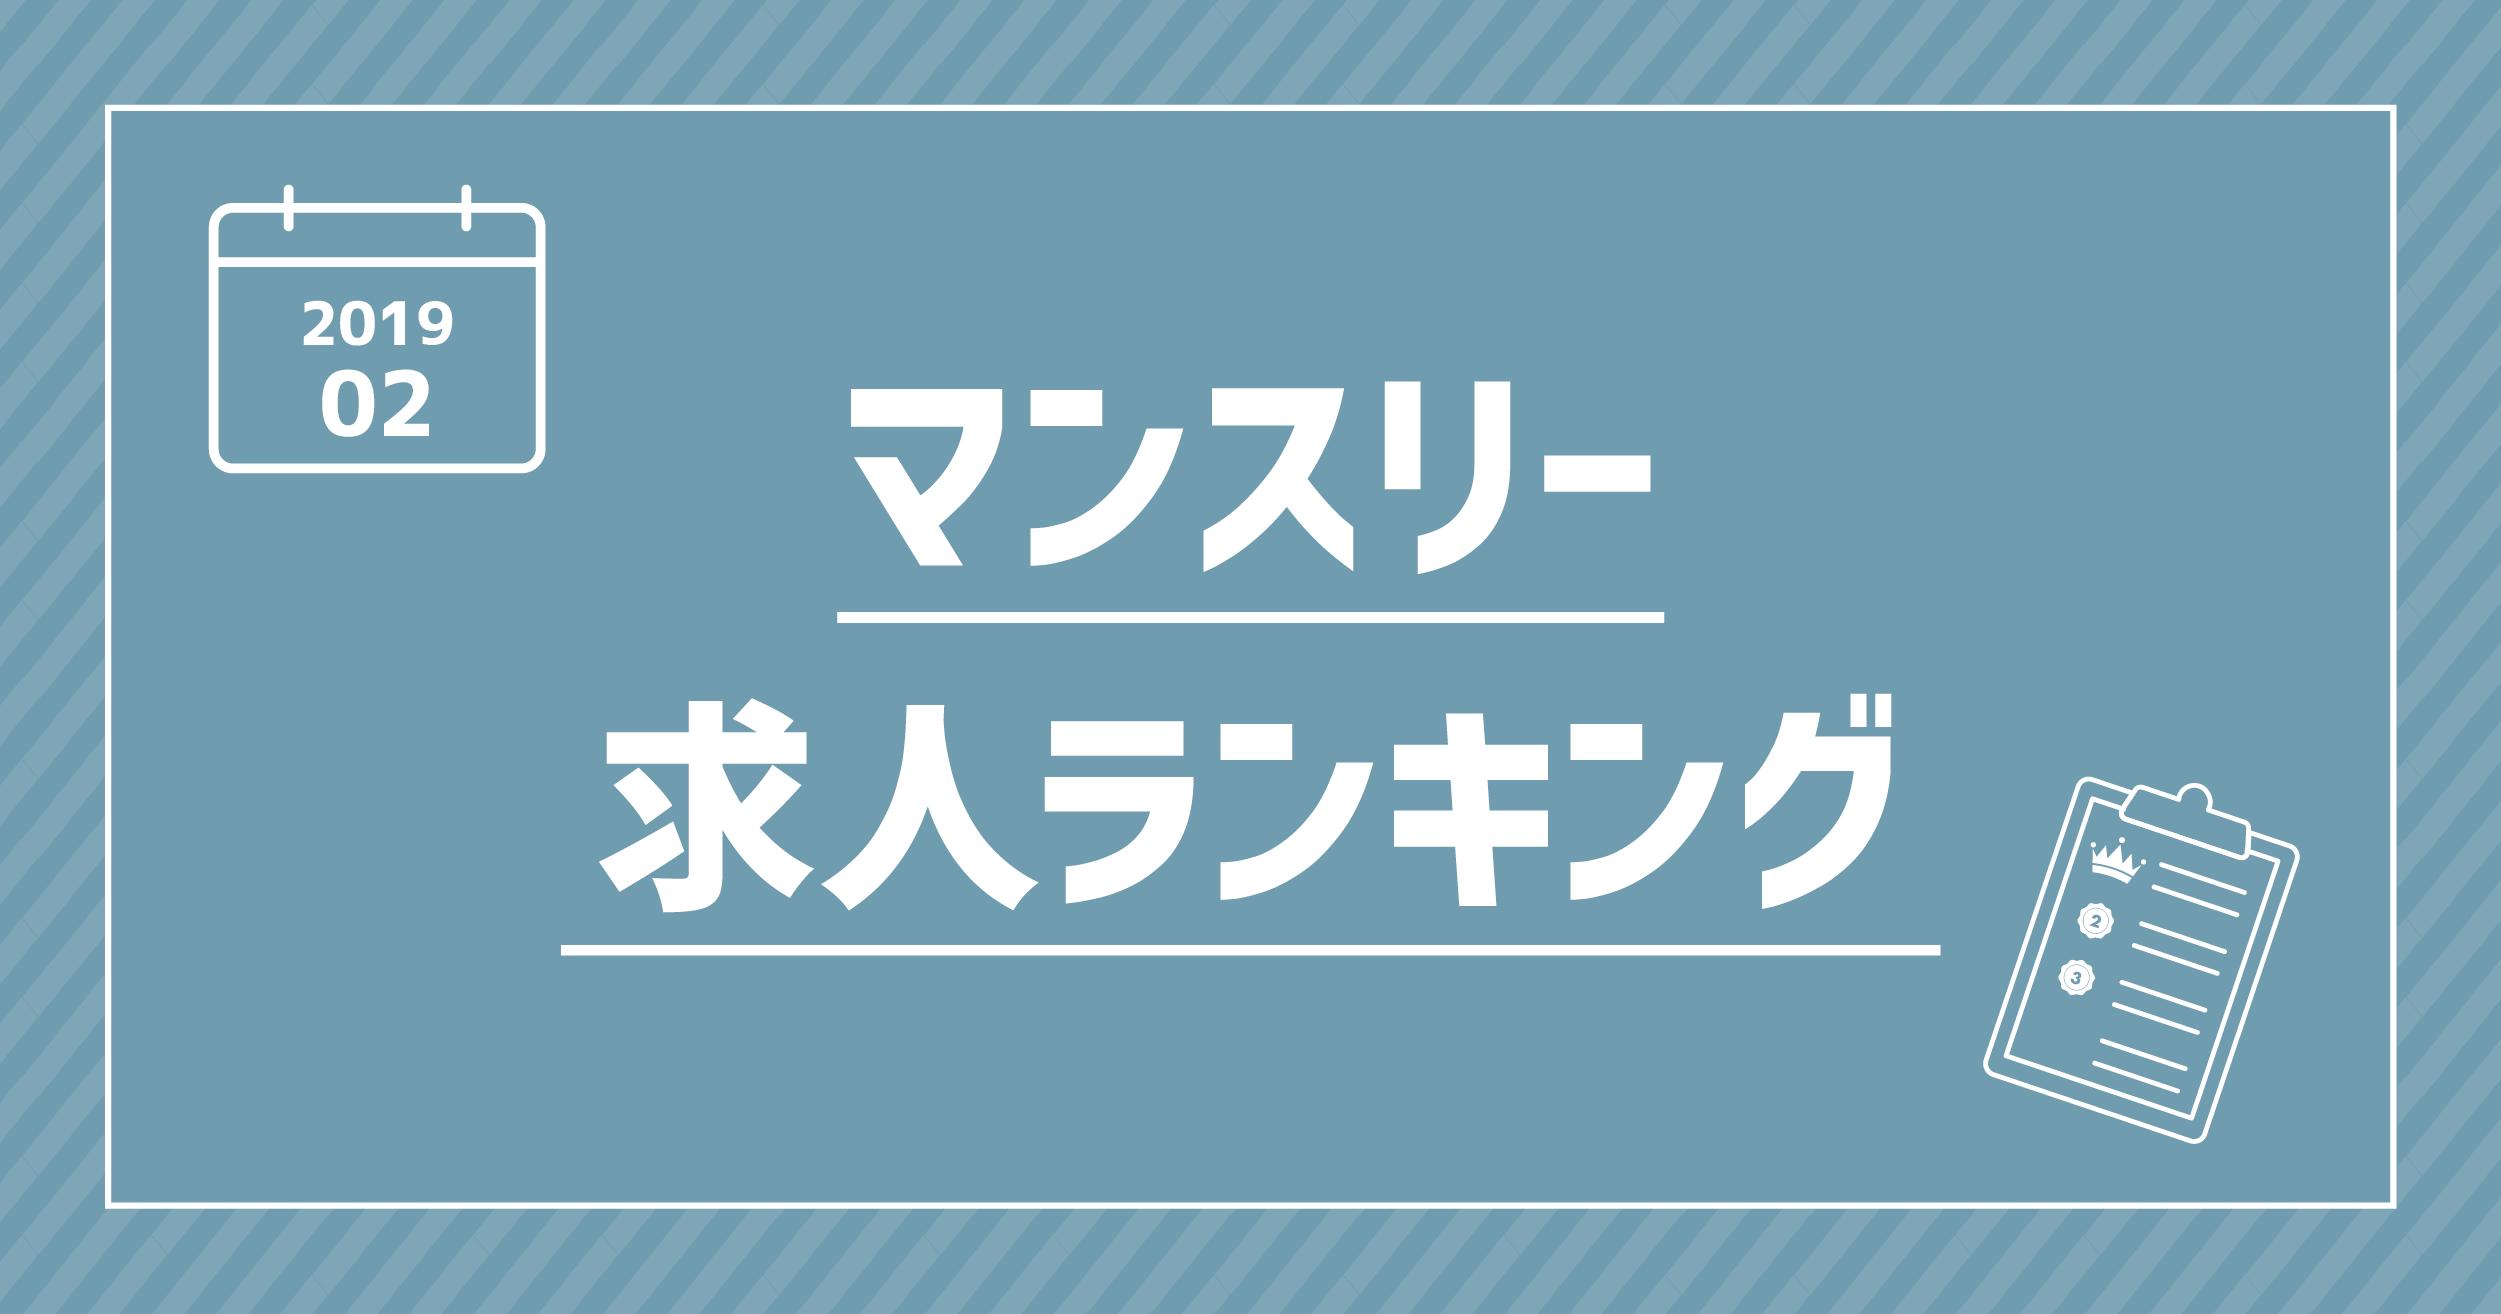 【2019年2月】マンスリー求人ランキング(求人掲載件数・平均給与額)